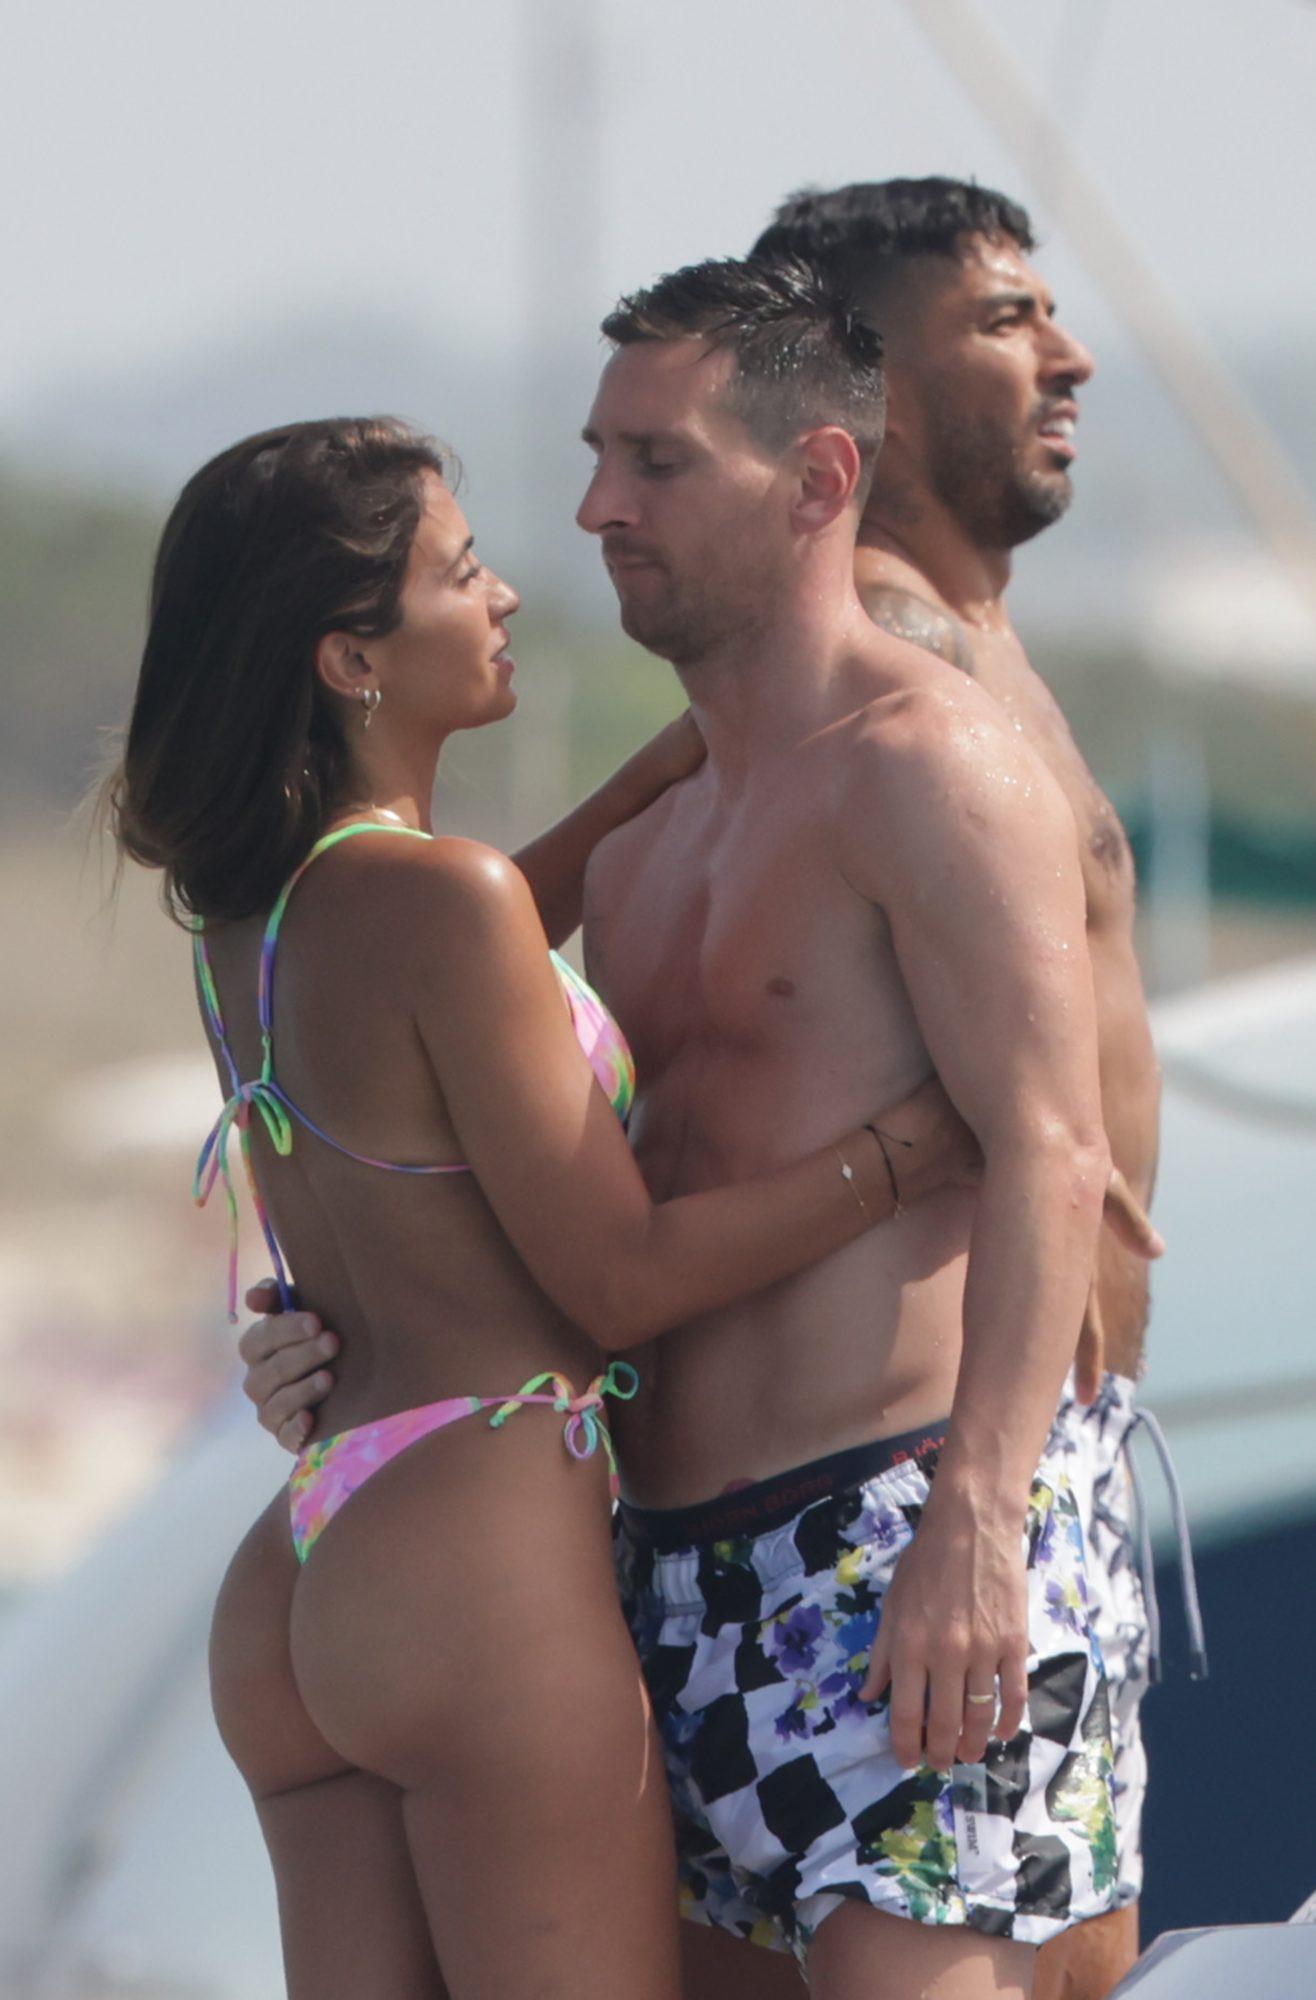 Leo Messi y Luis Suarez disfrutan unas vacaciones familiares a bordo de un yate en Ibiza